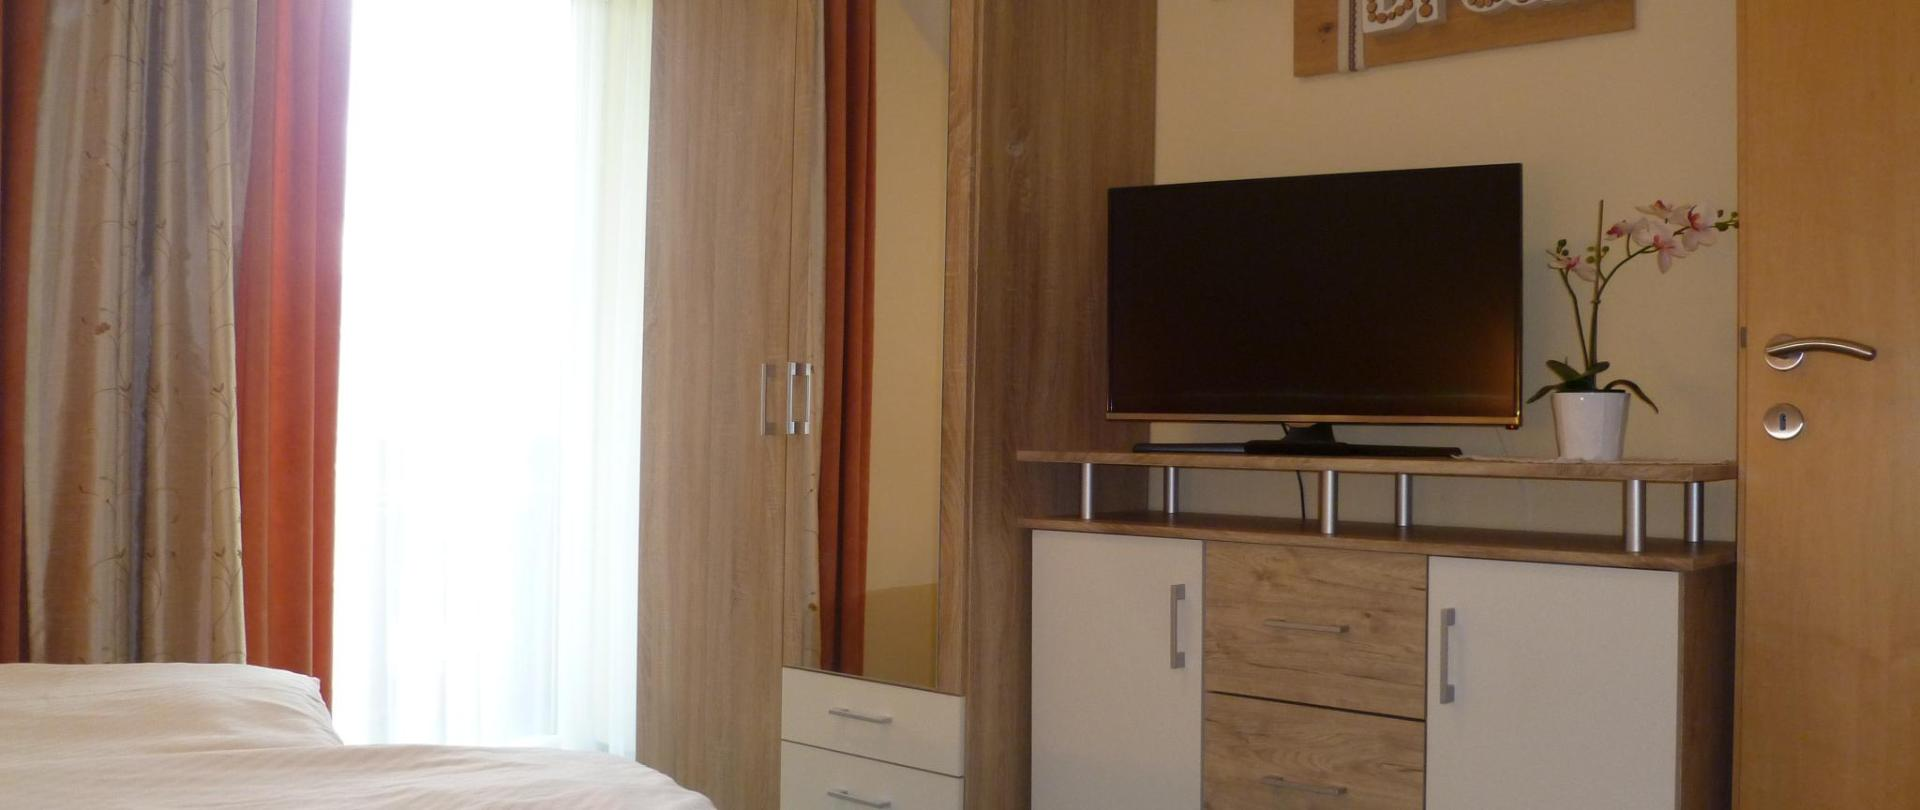 Fewo 5 Schlafzimmer 2.JPG